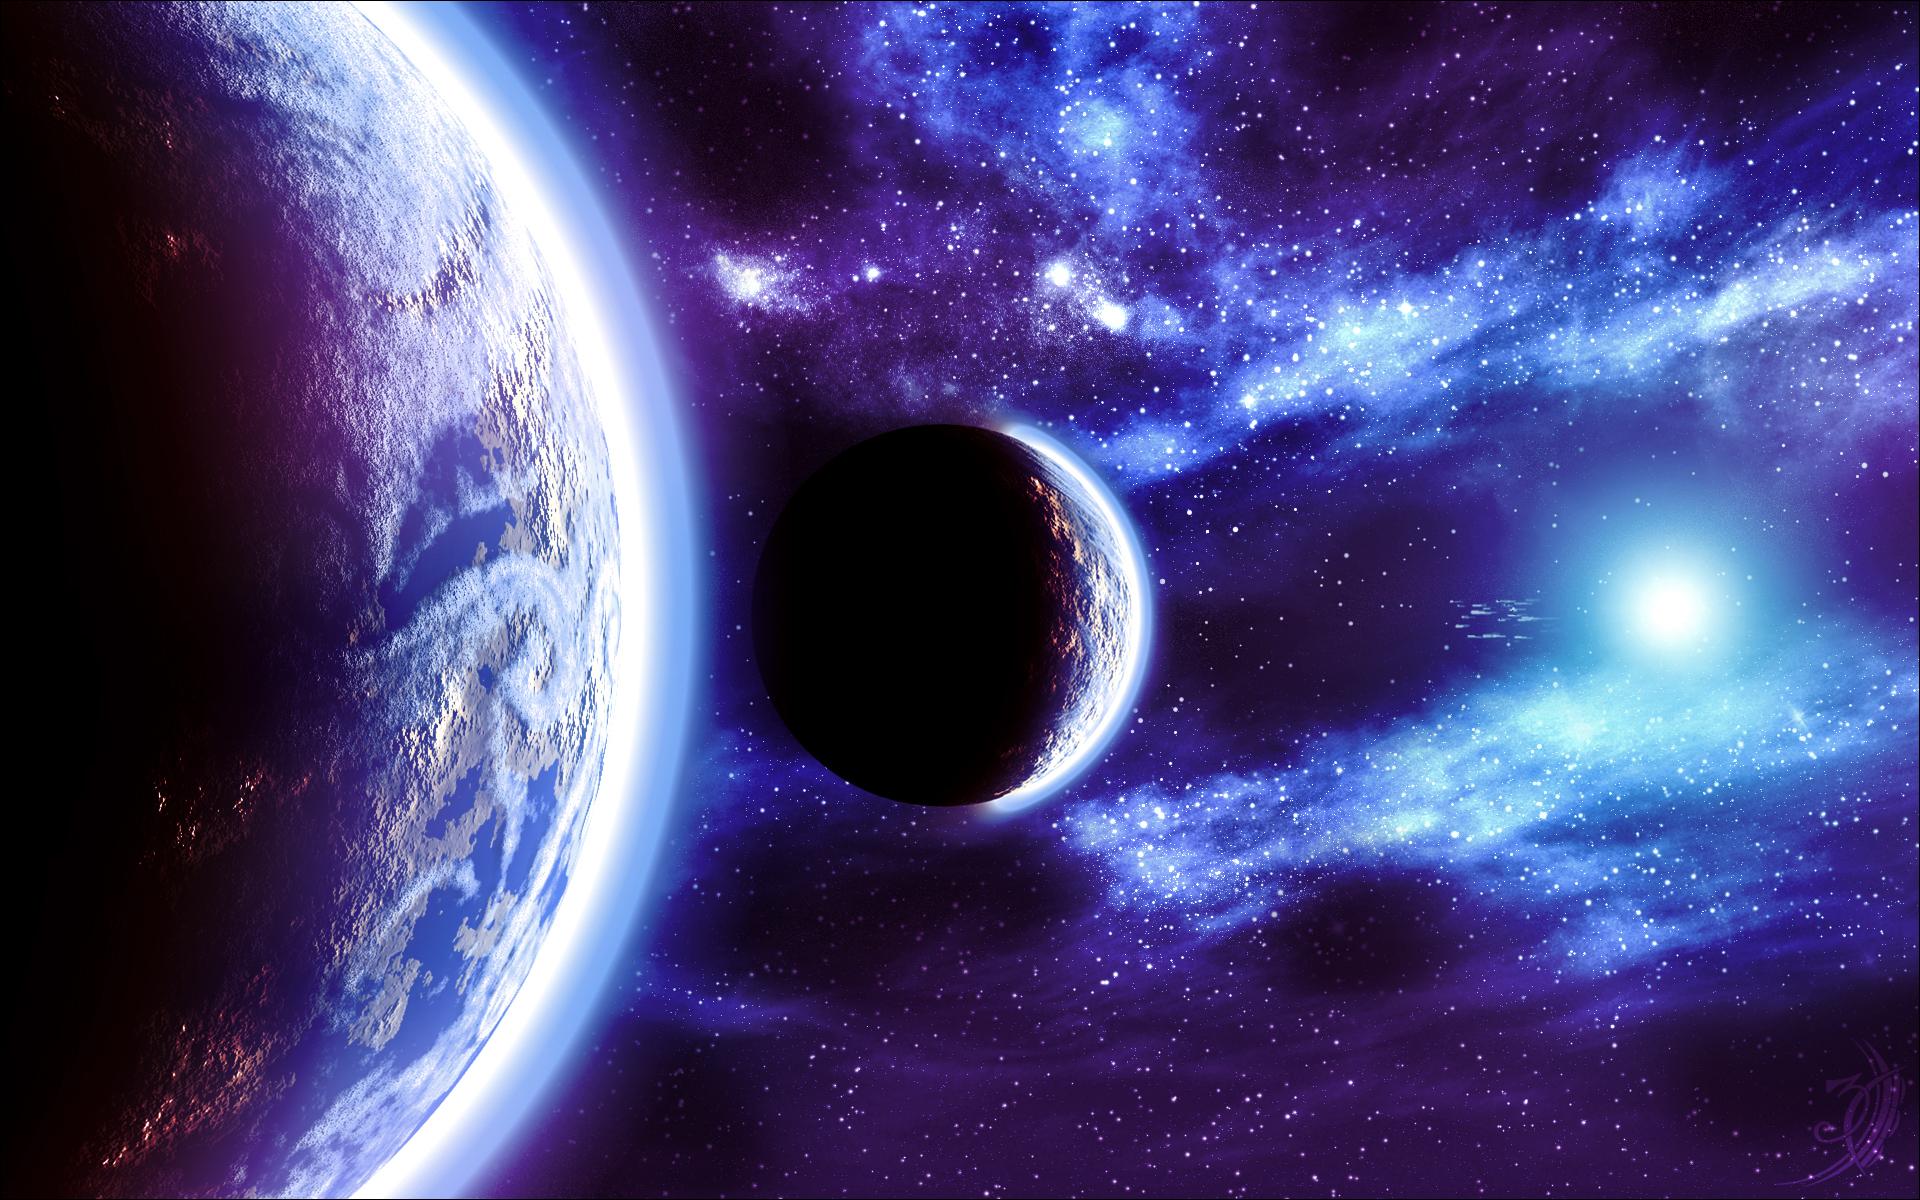 Обои планета космос орбита картинки на рабочий стол на тему Космос - скачать  № 1757085 загрузить